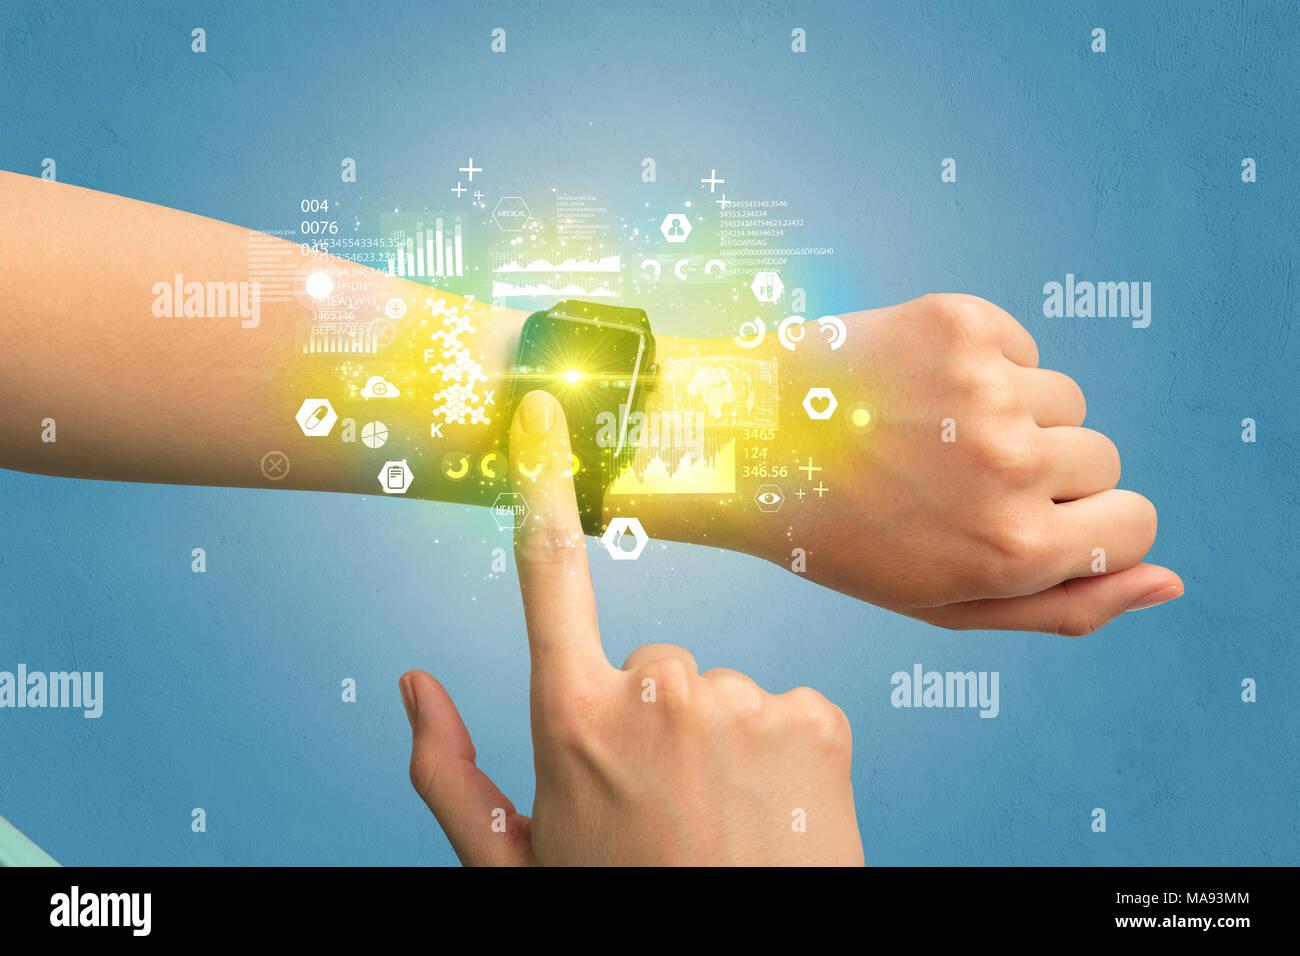 Mano con smartwatch y salud medical tracker concepto. Imagen De Stock